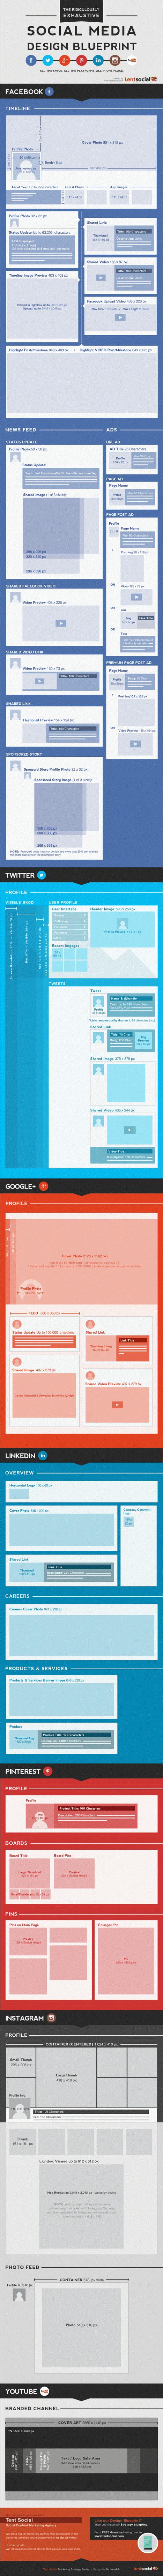 Tamaños de imágenes para las redes sociales - BlueMarkets Marketing Online | bluemarkets.es | Scoop.it